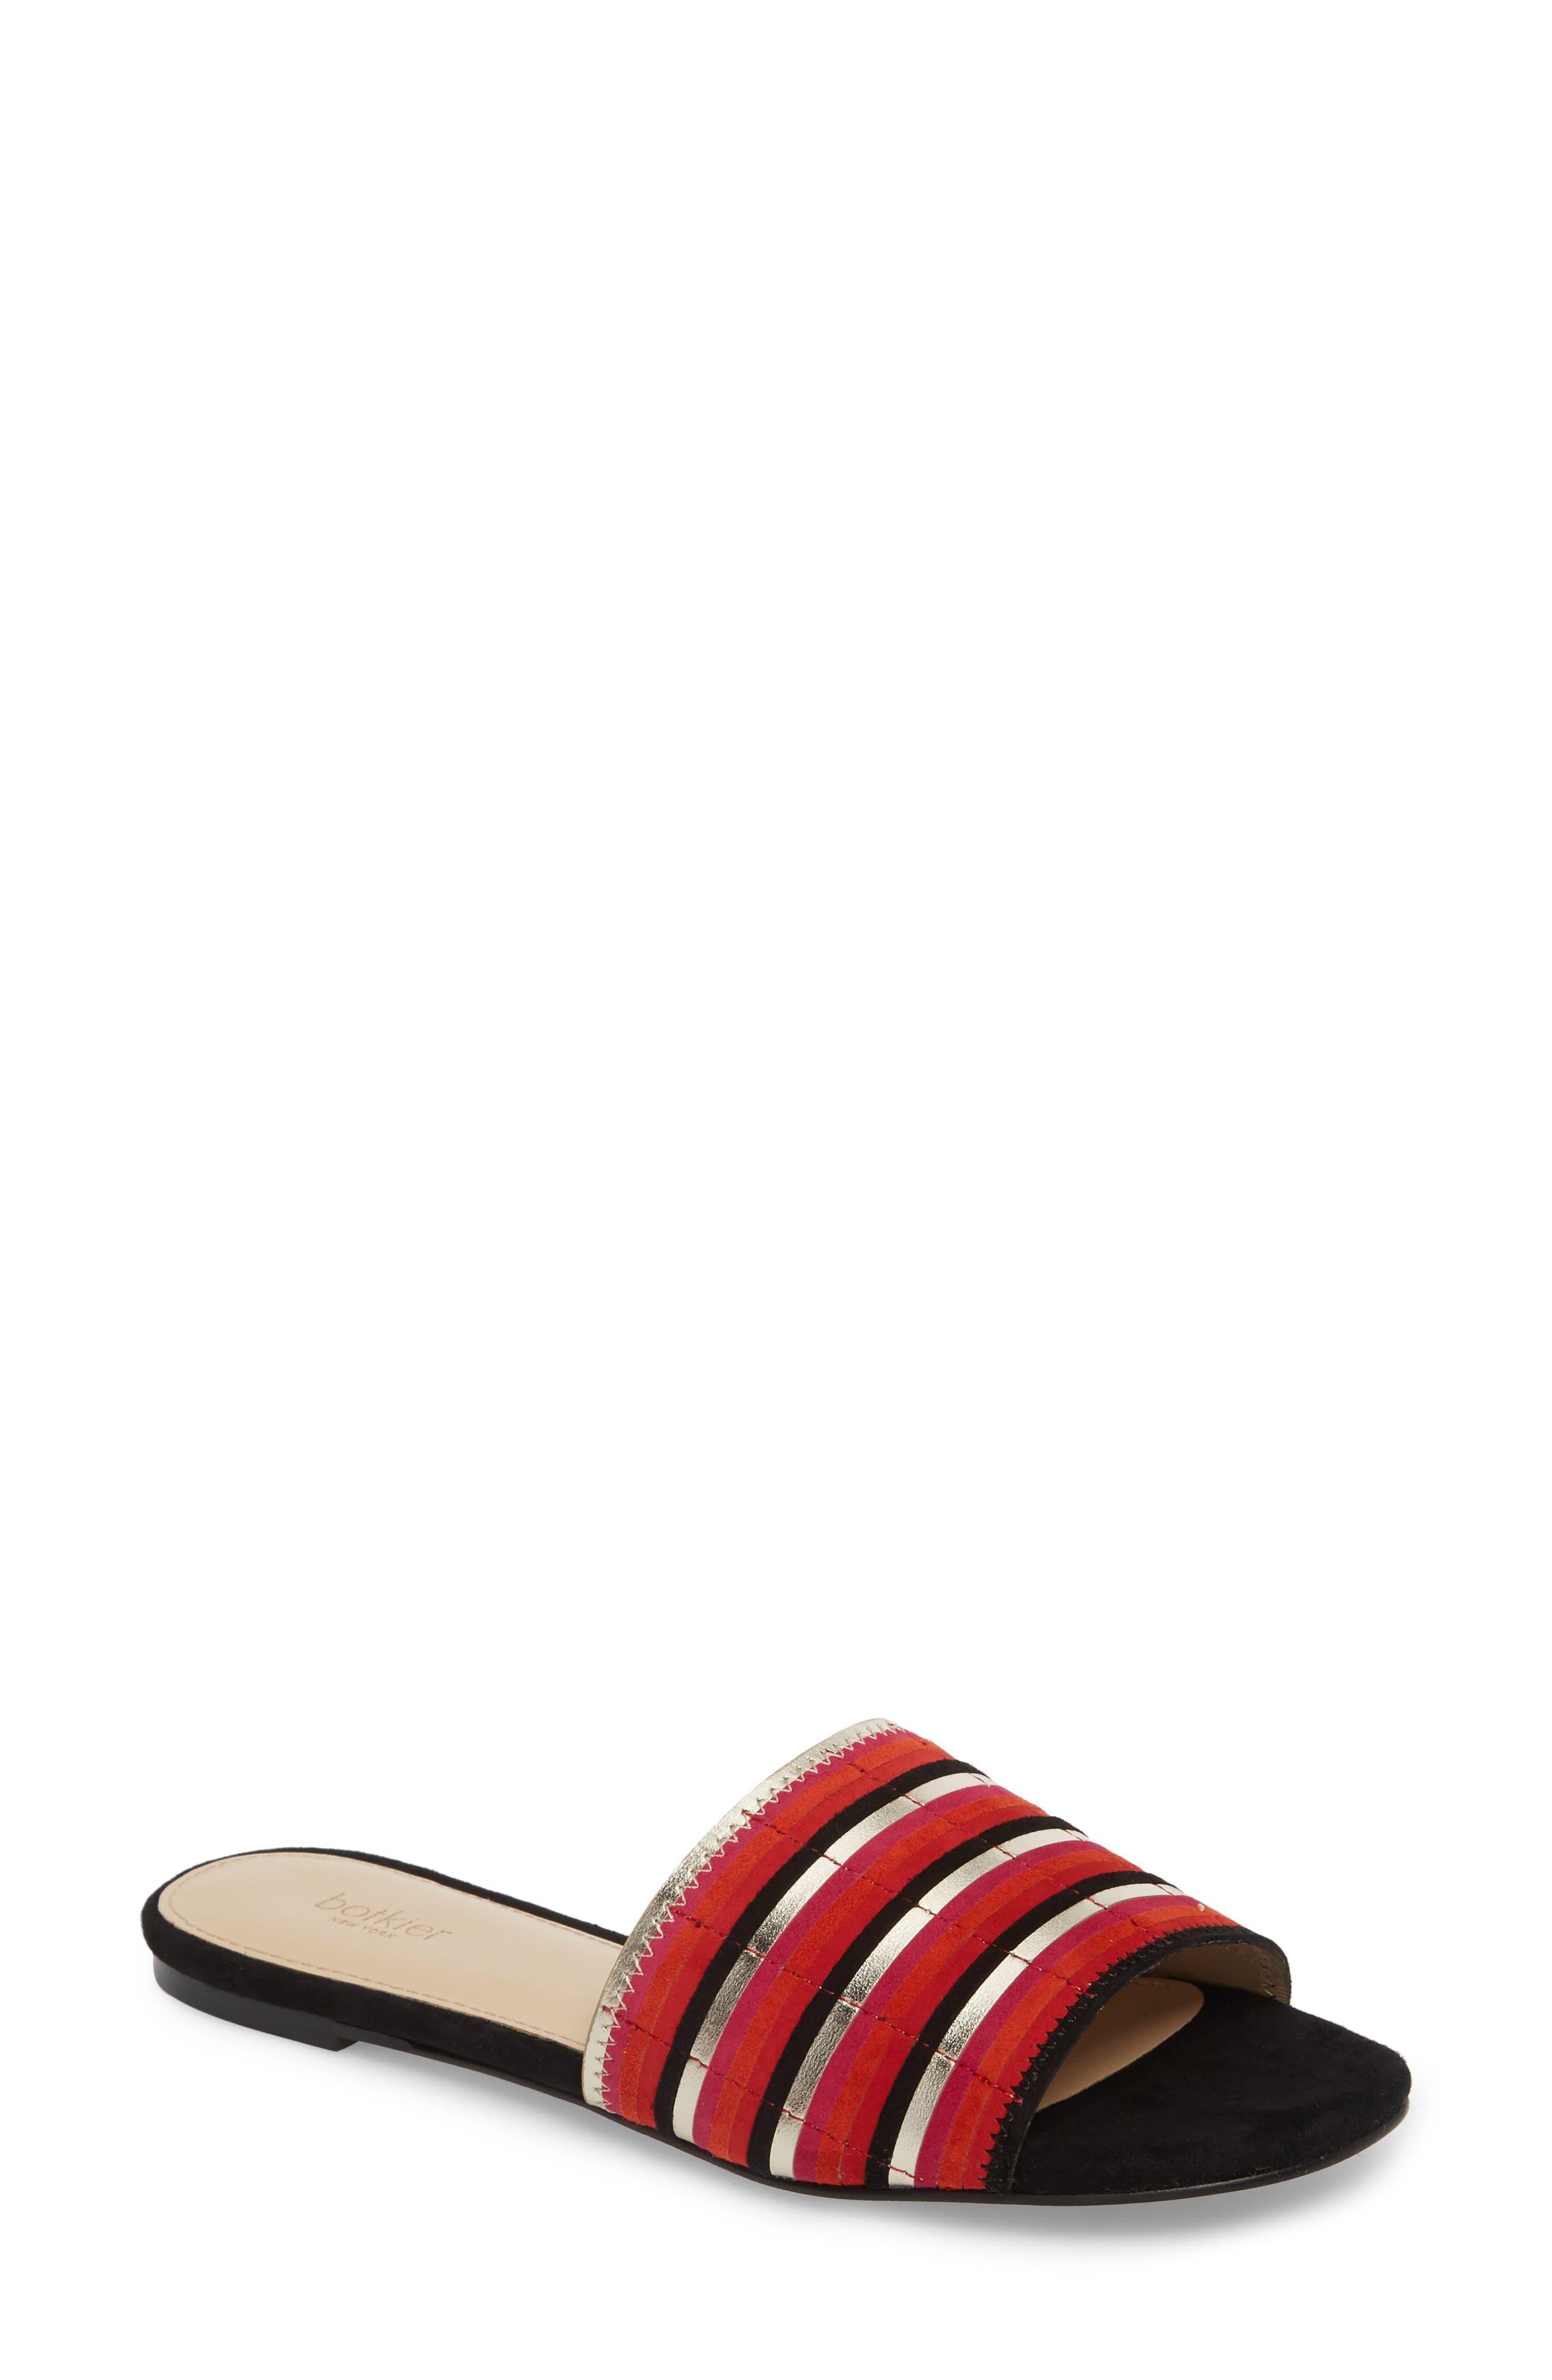 Marley Slide Sandal,                         Main,                         color, Poppy Suede